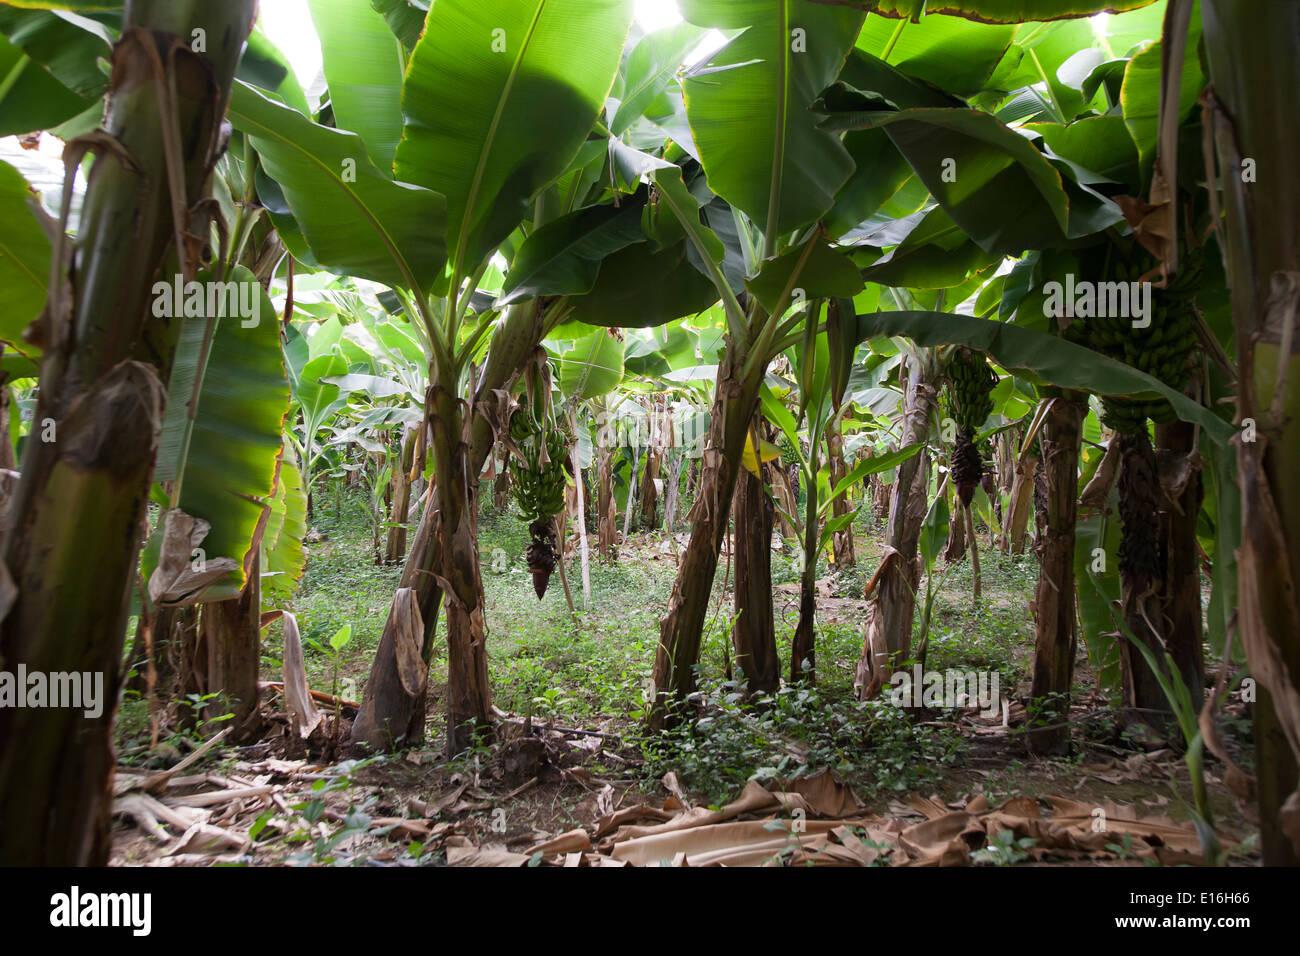 how to grow a banana tree inside